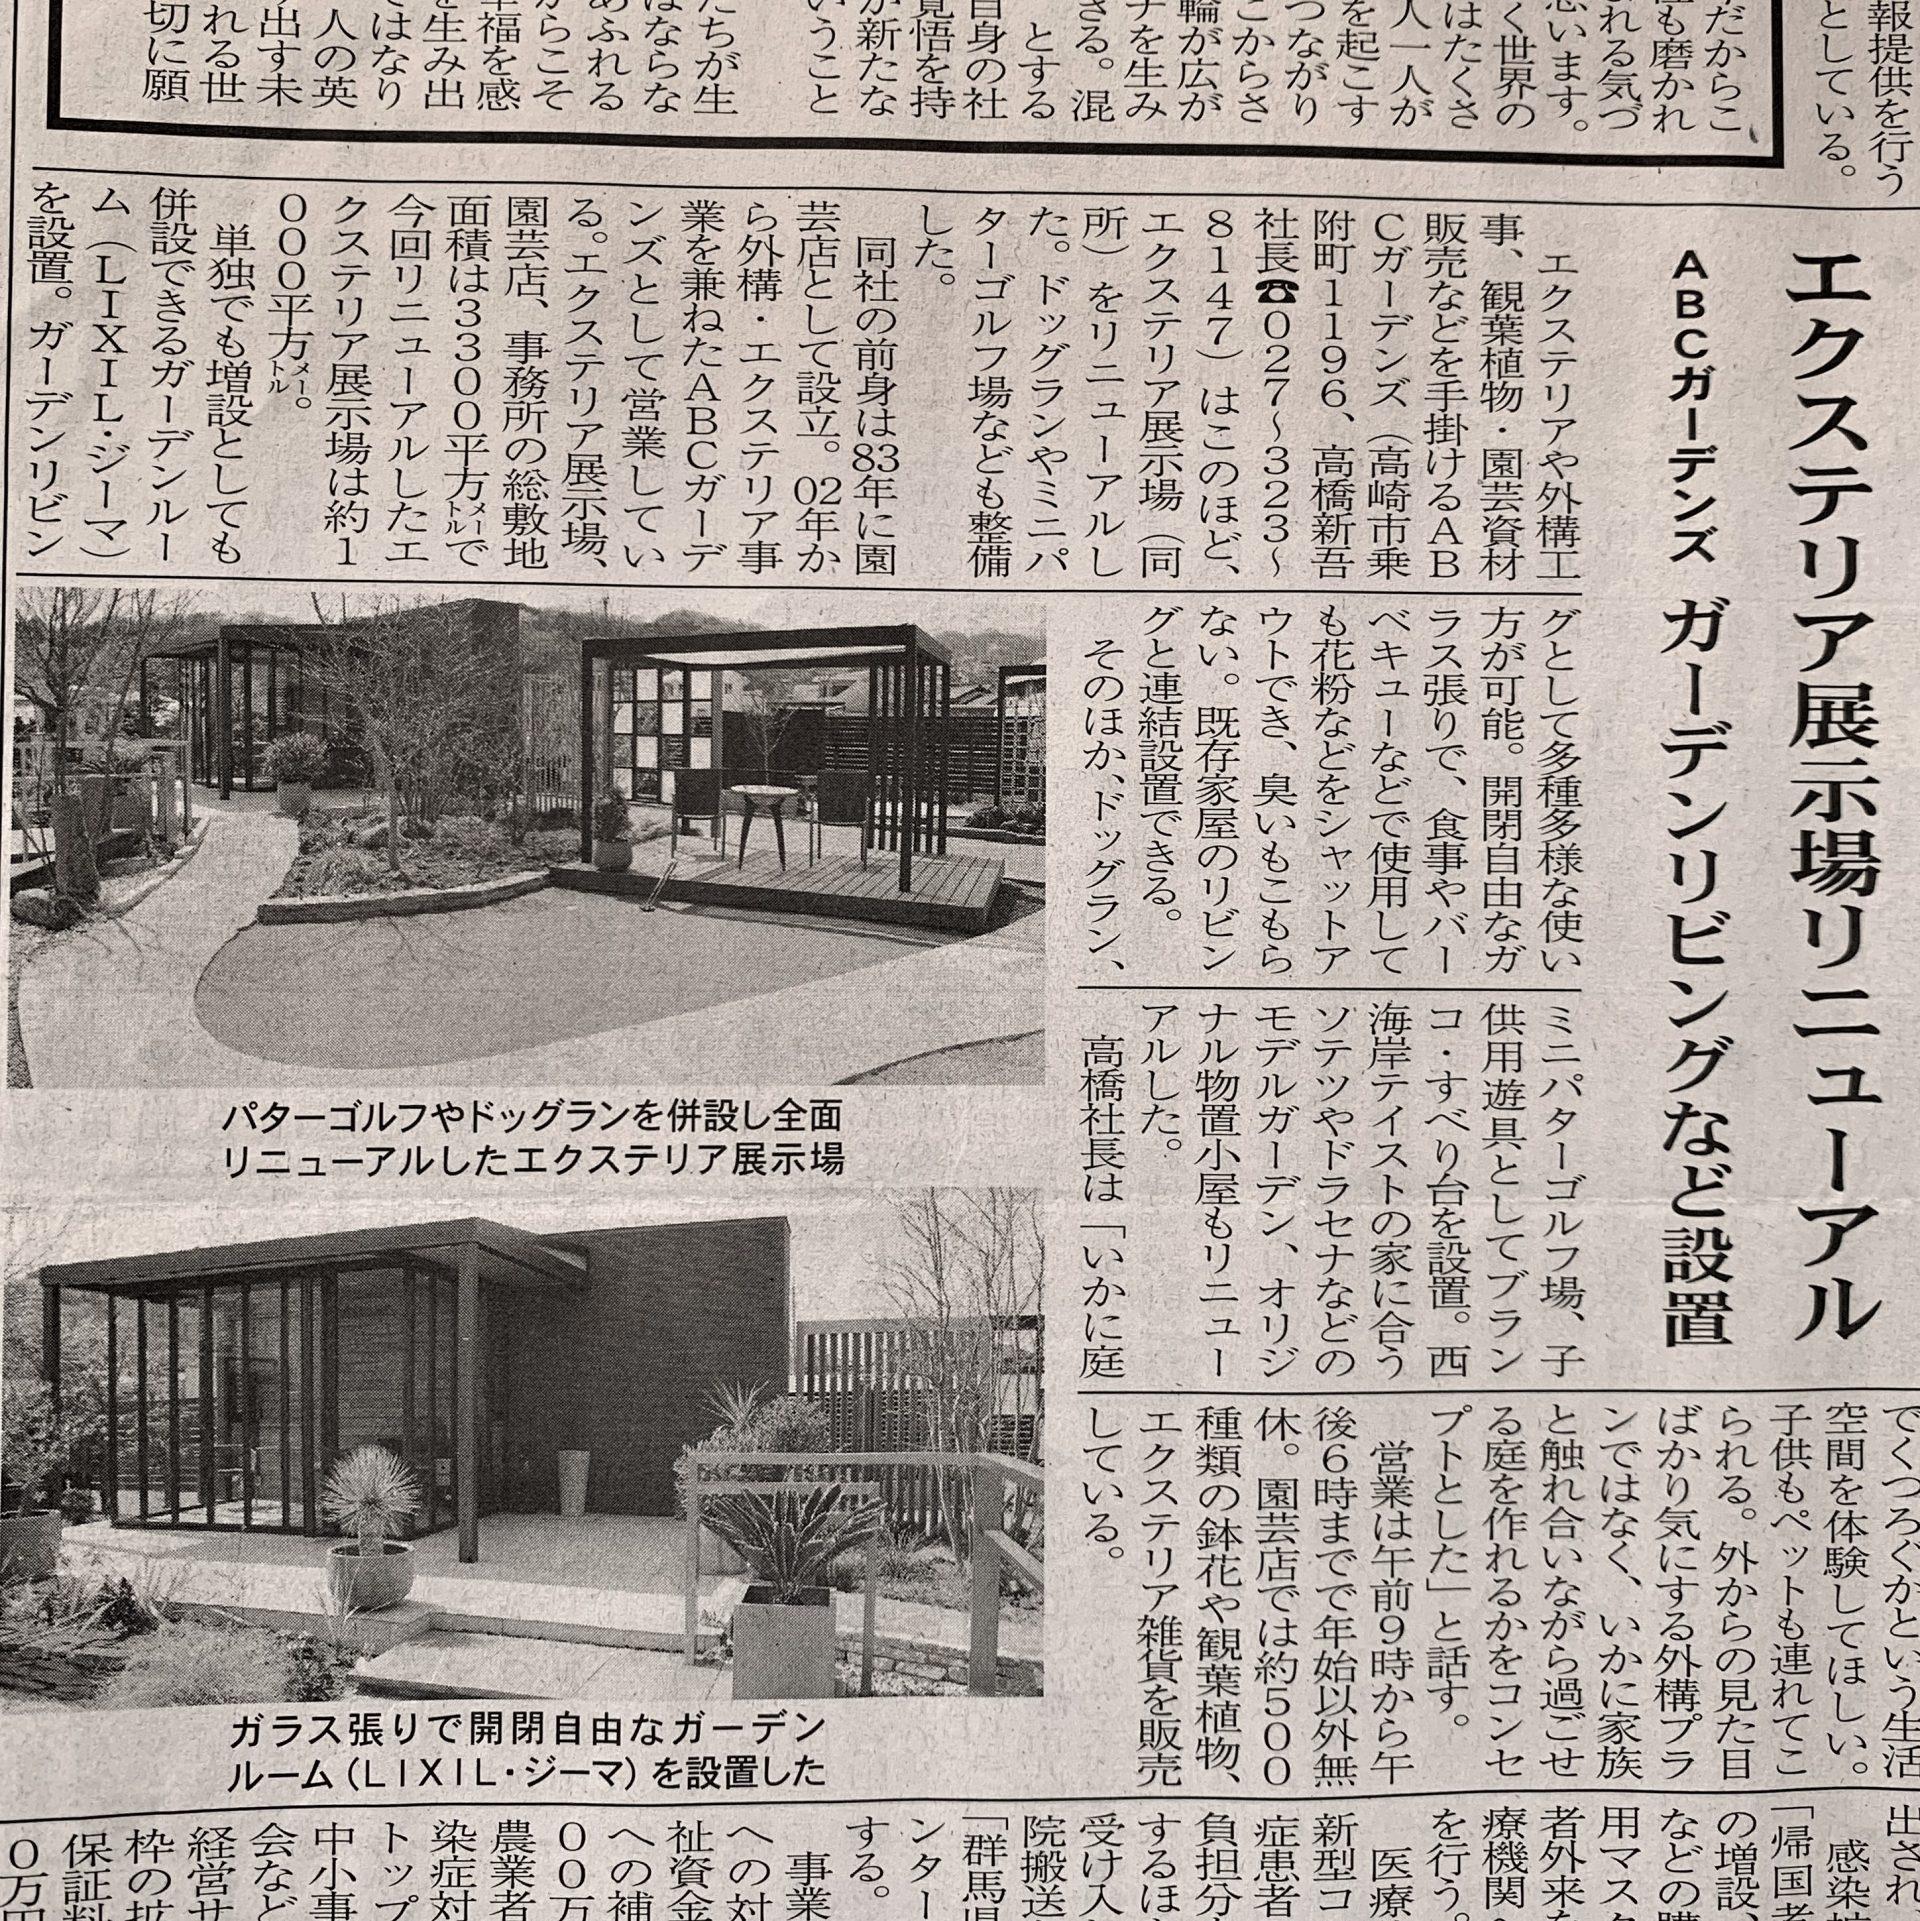 ぐんま経済新聞の一部